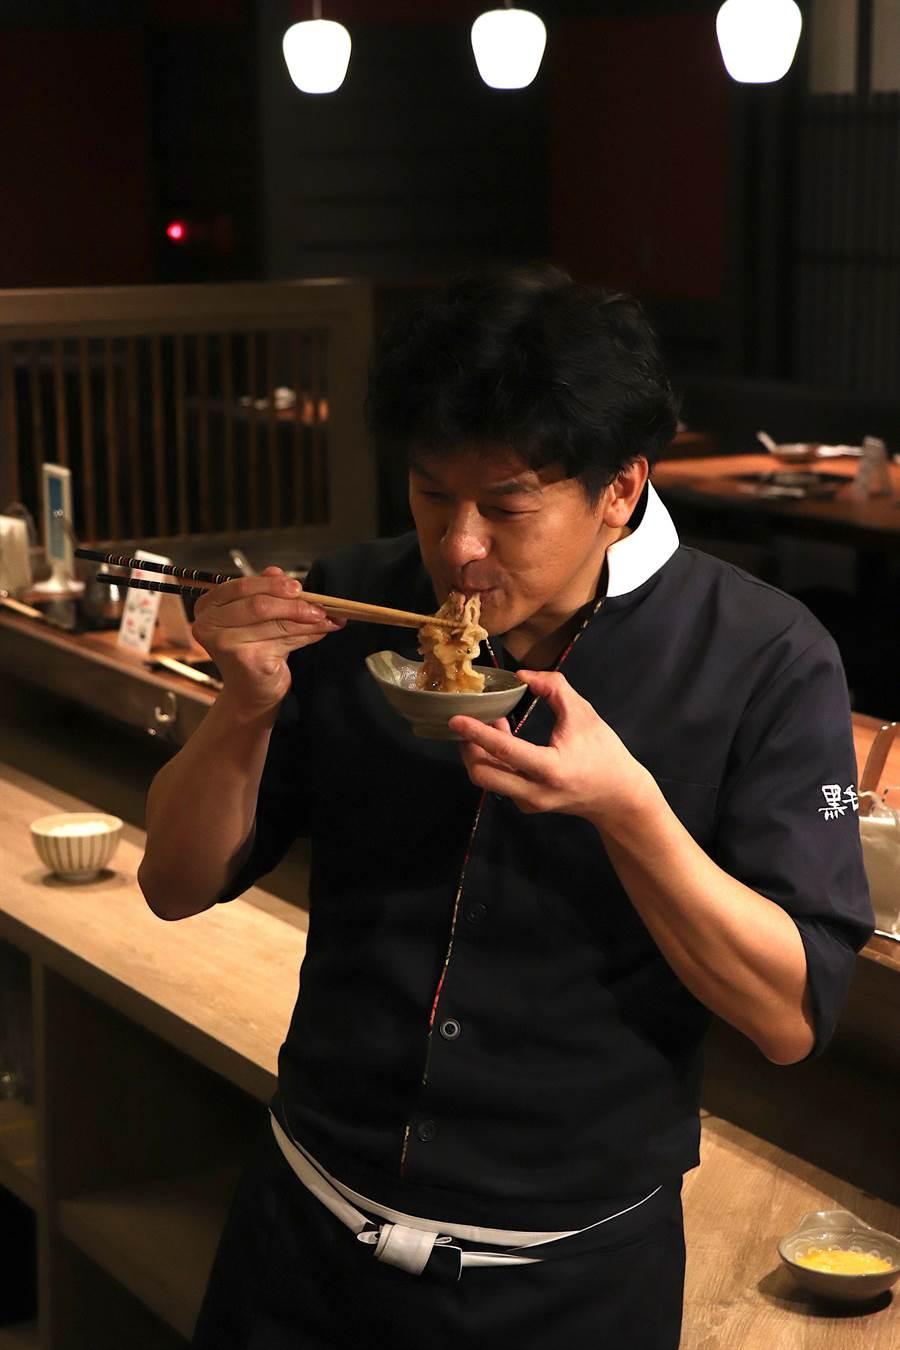 總料理長鈴木俊寬首次品嚐日本宮崎牛,滑順口感與豐富油脂令其讚不絕口。(徐力剛攝)